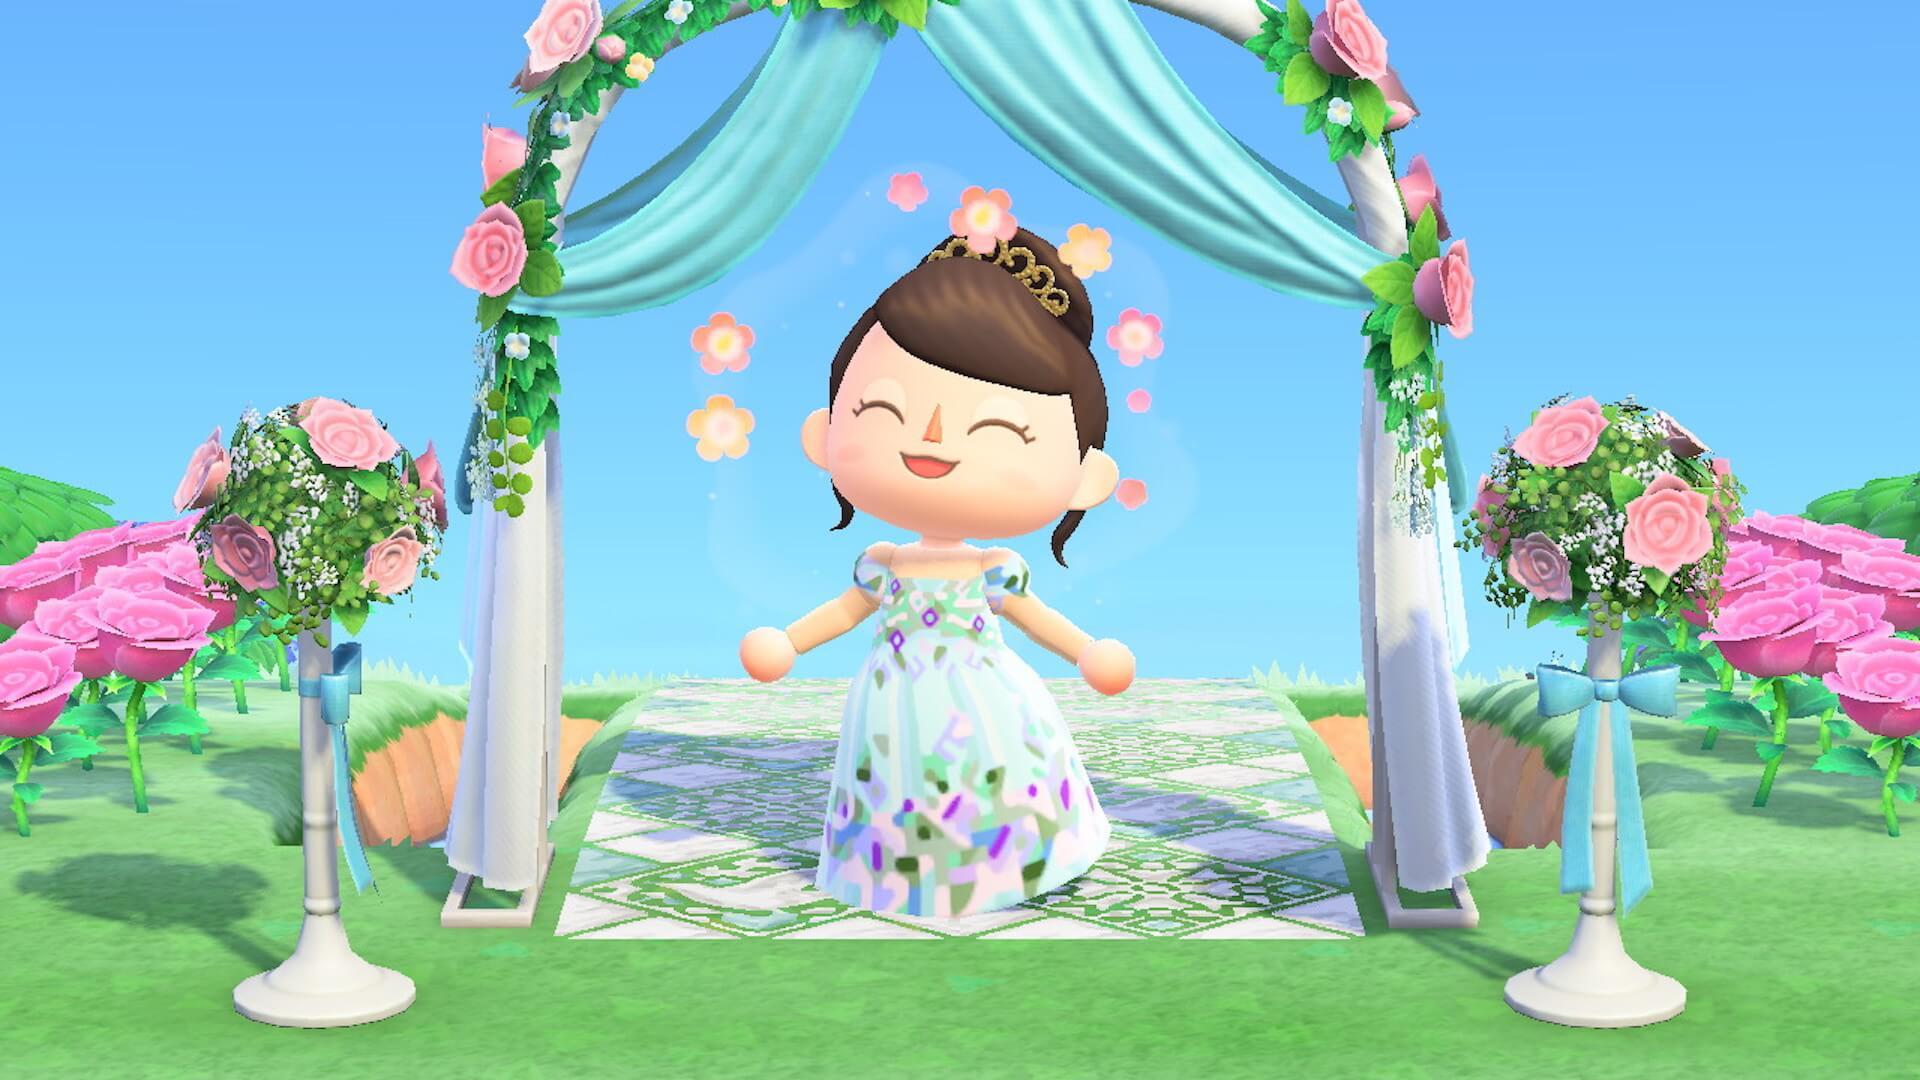 あつ森でYumi Katsuraのウエディングドレスを着て結婚式を挙げよう!?『あつまれ どうぶつの森』マイデザインが公式Instgramで配布開始 tech200608_animalcrossing_1